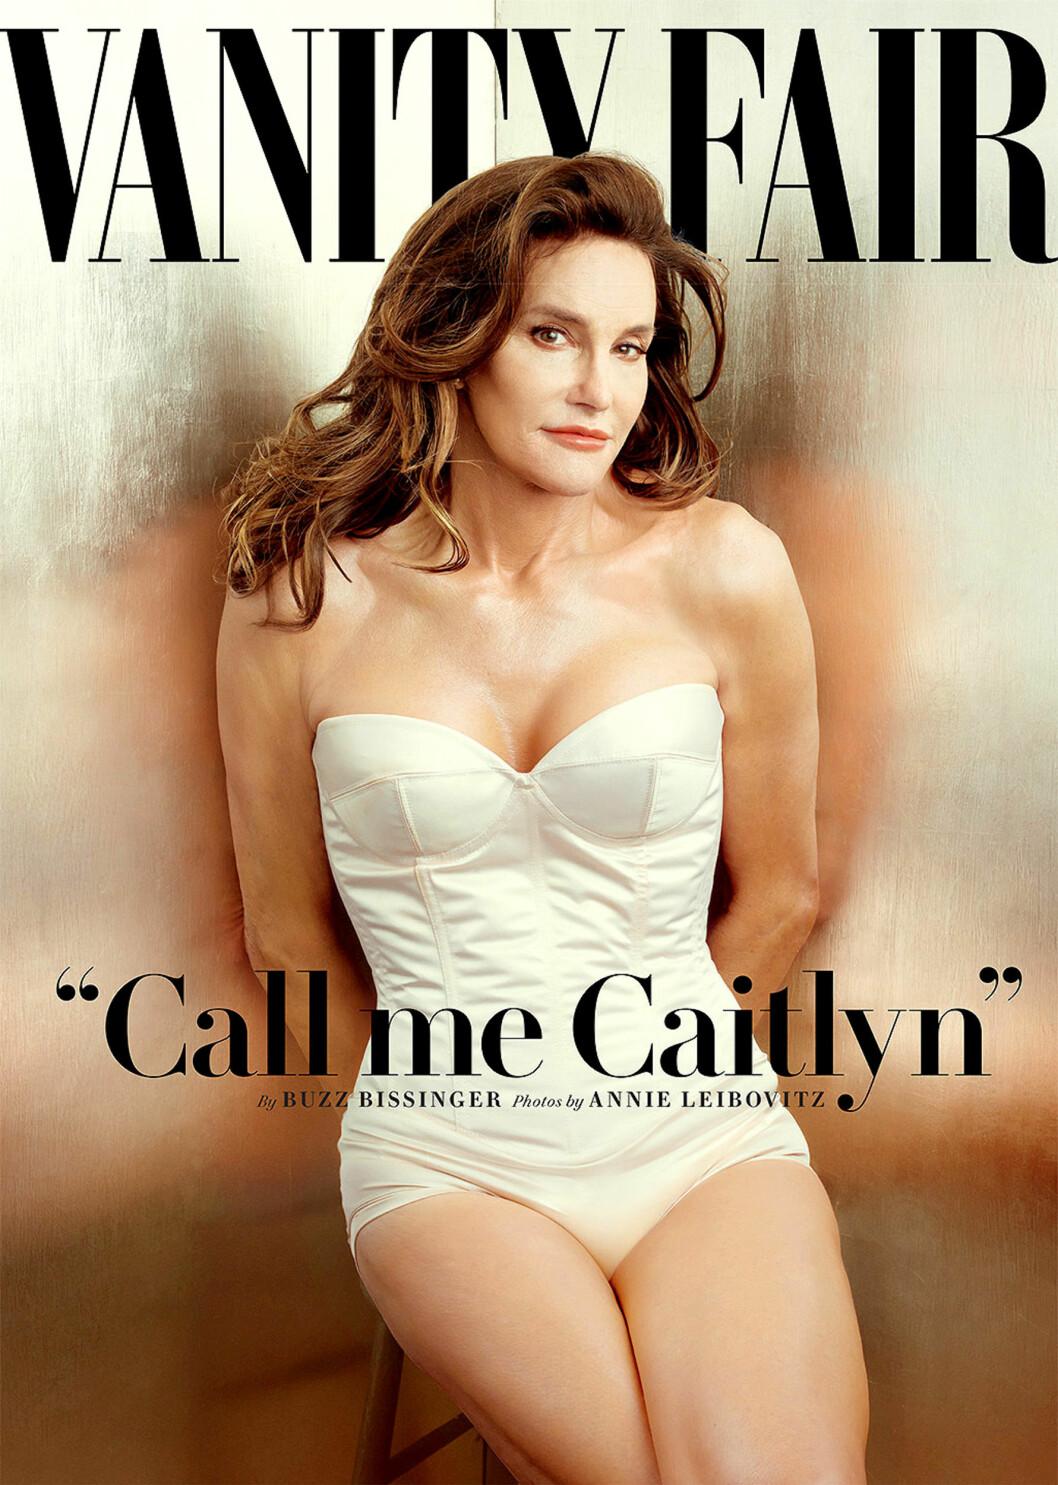 CALL ME CAITLYN: Etter å ha skjult sitt sanne jeg, kan endelig Jenner være seg selv.  Foto: Polaris